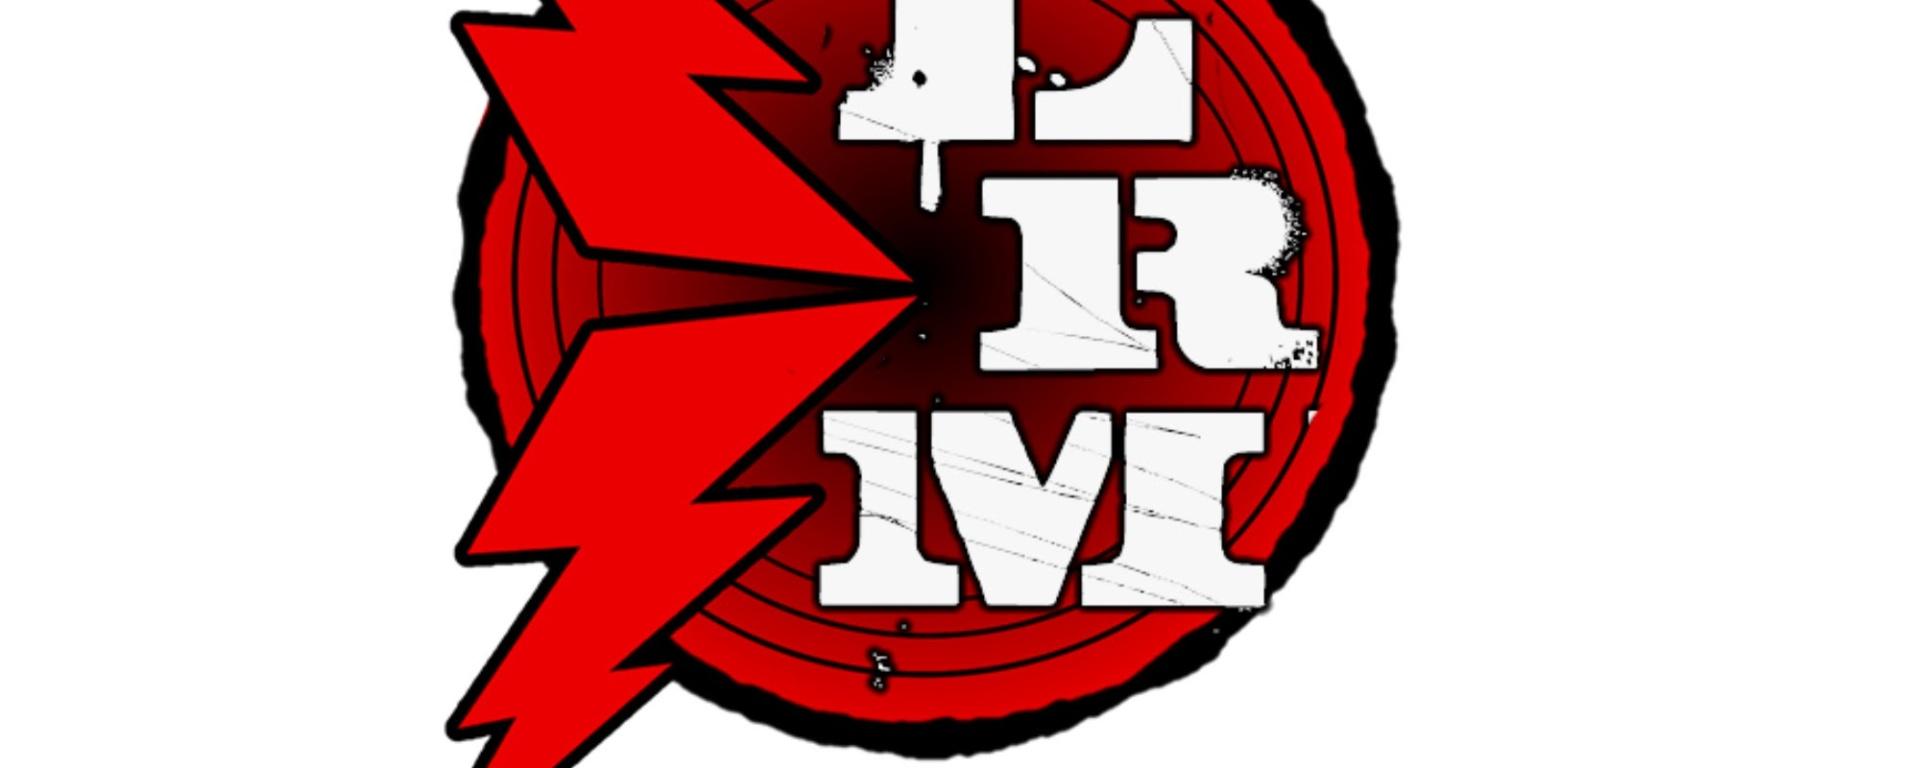 Noua compilatie online Loud Rage Music este gata